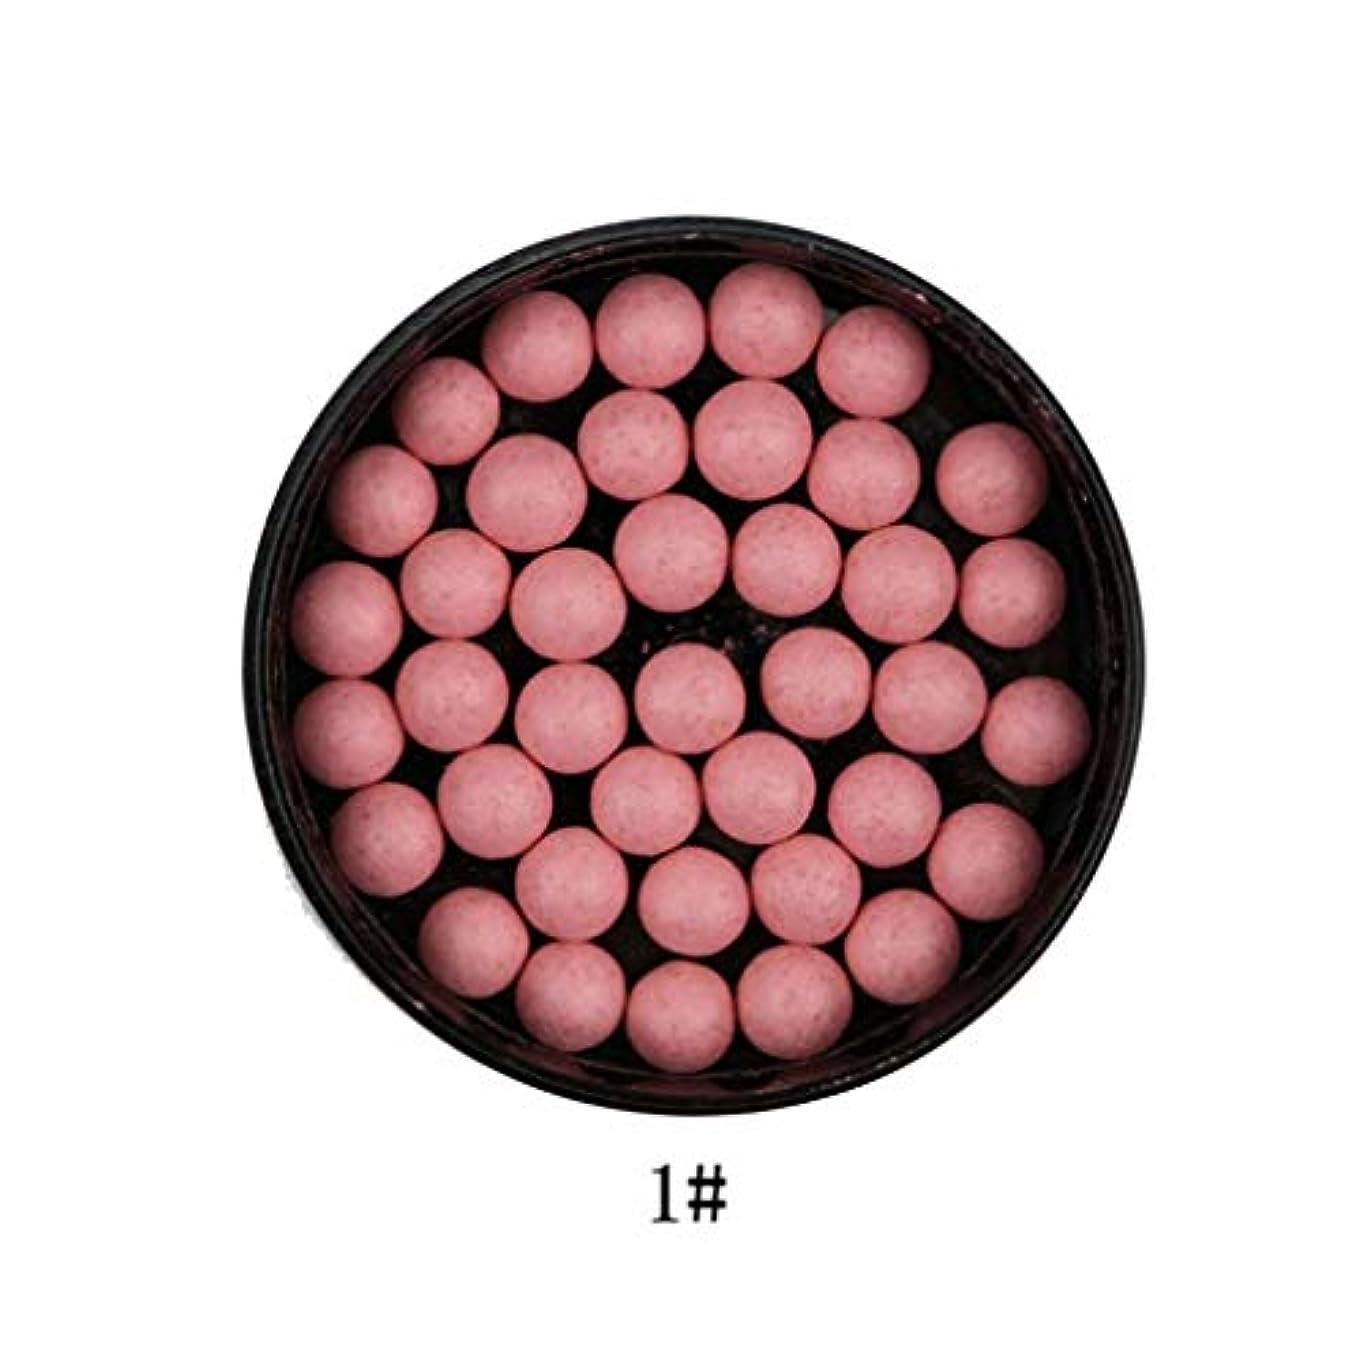 ナチュラル幅アンドリューハリディ3では1ポータブルブラッシュロングラスティング顔料マットナチュラルフェイスブラッシュボールオイルコントロール輪郭ブラッシュブロンザー